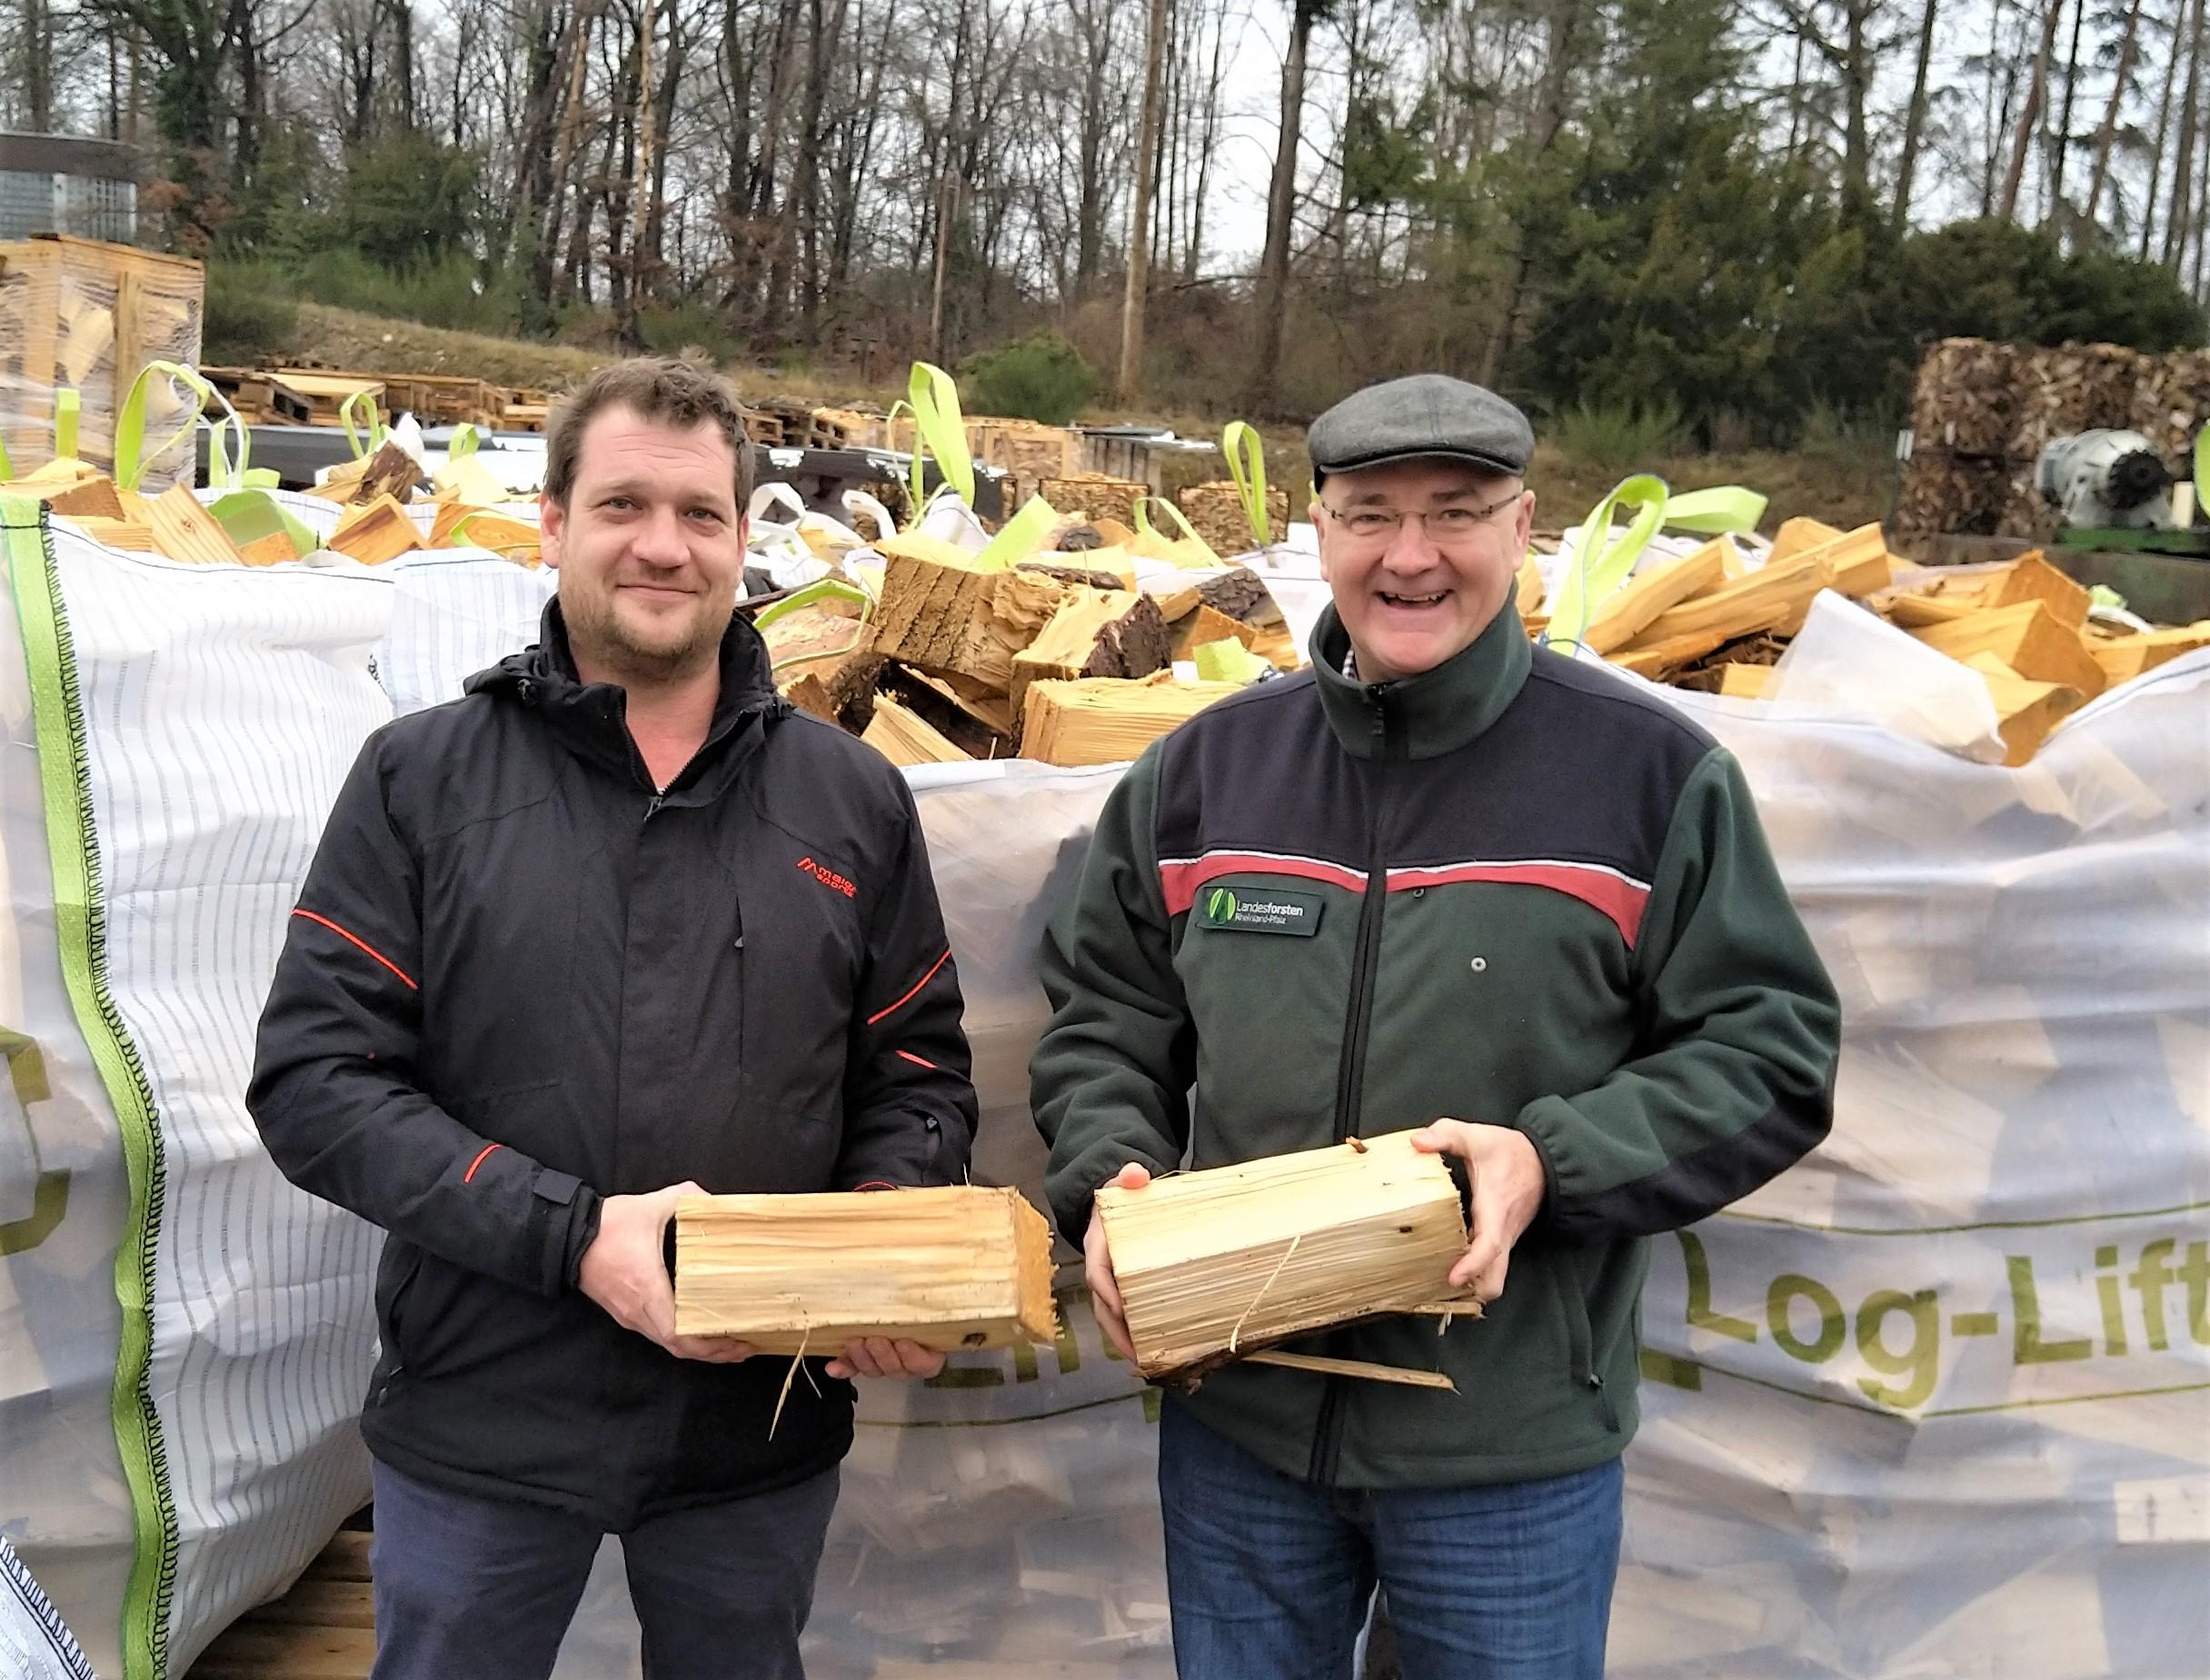 Forstamt Dierdorf: Fichtenbrennholz als Alternative